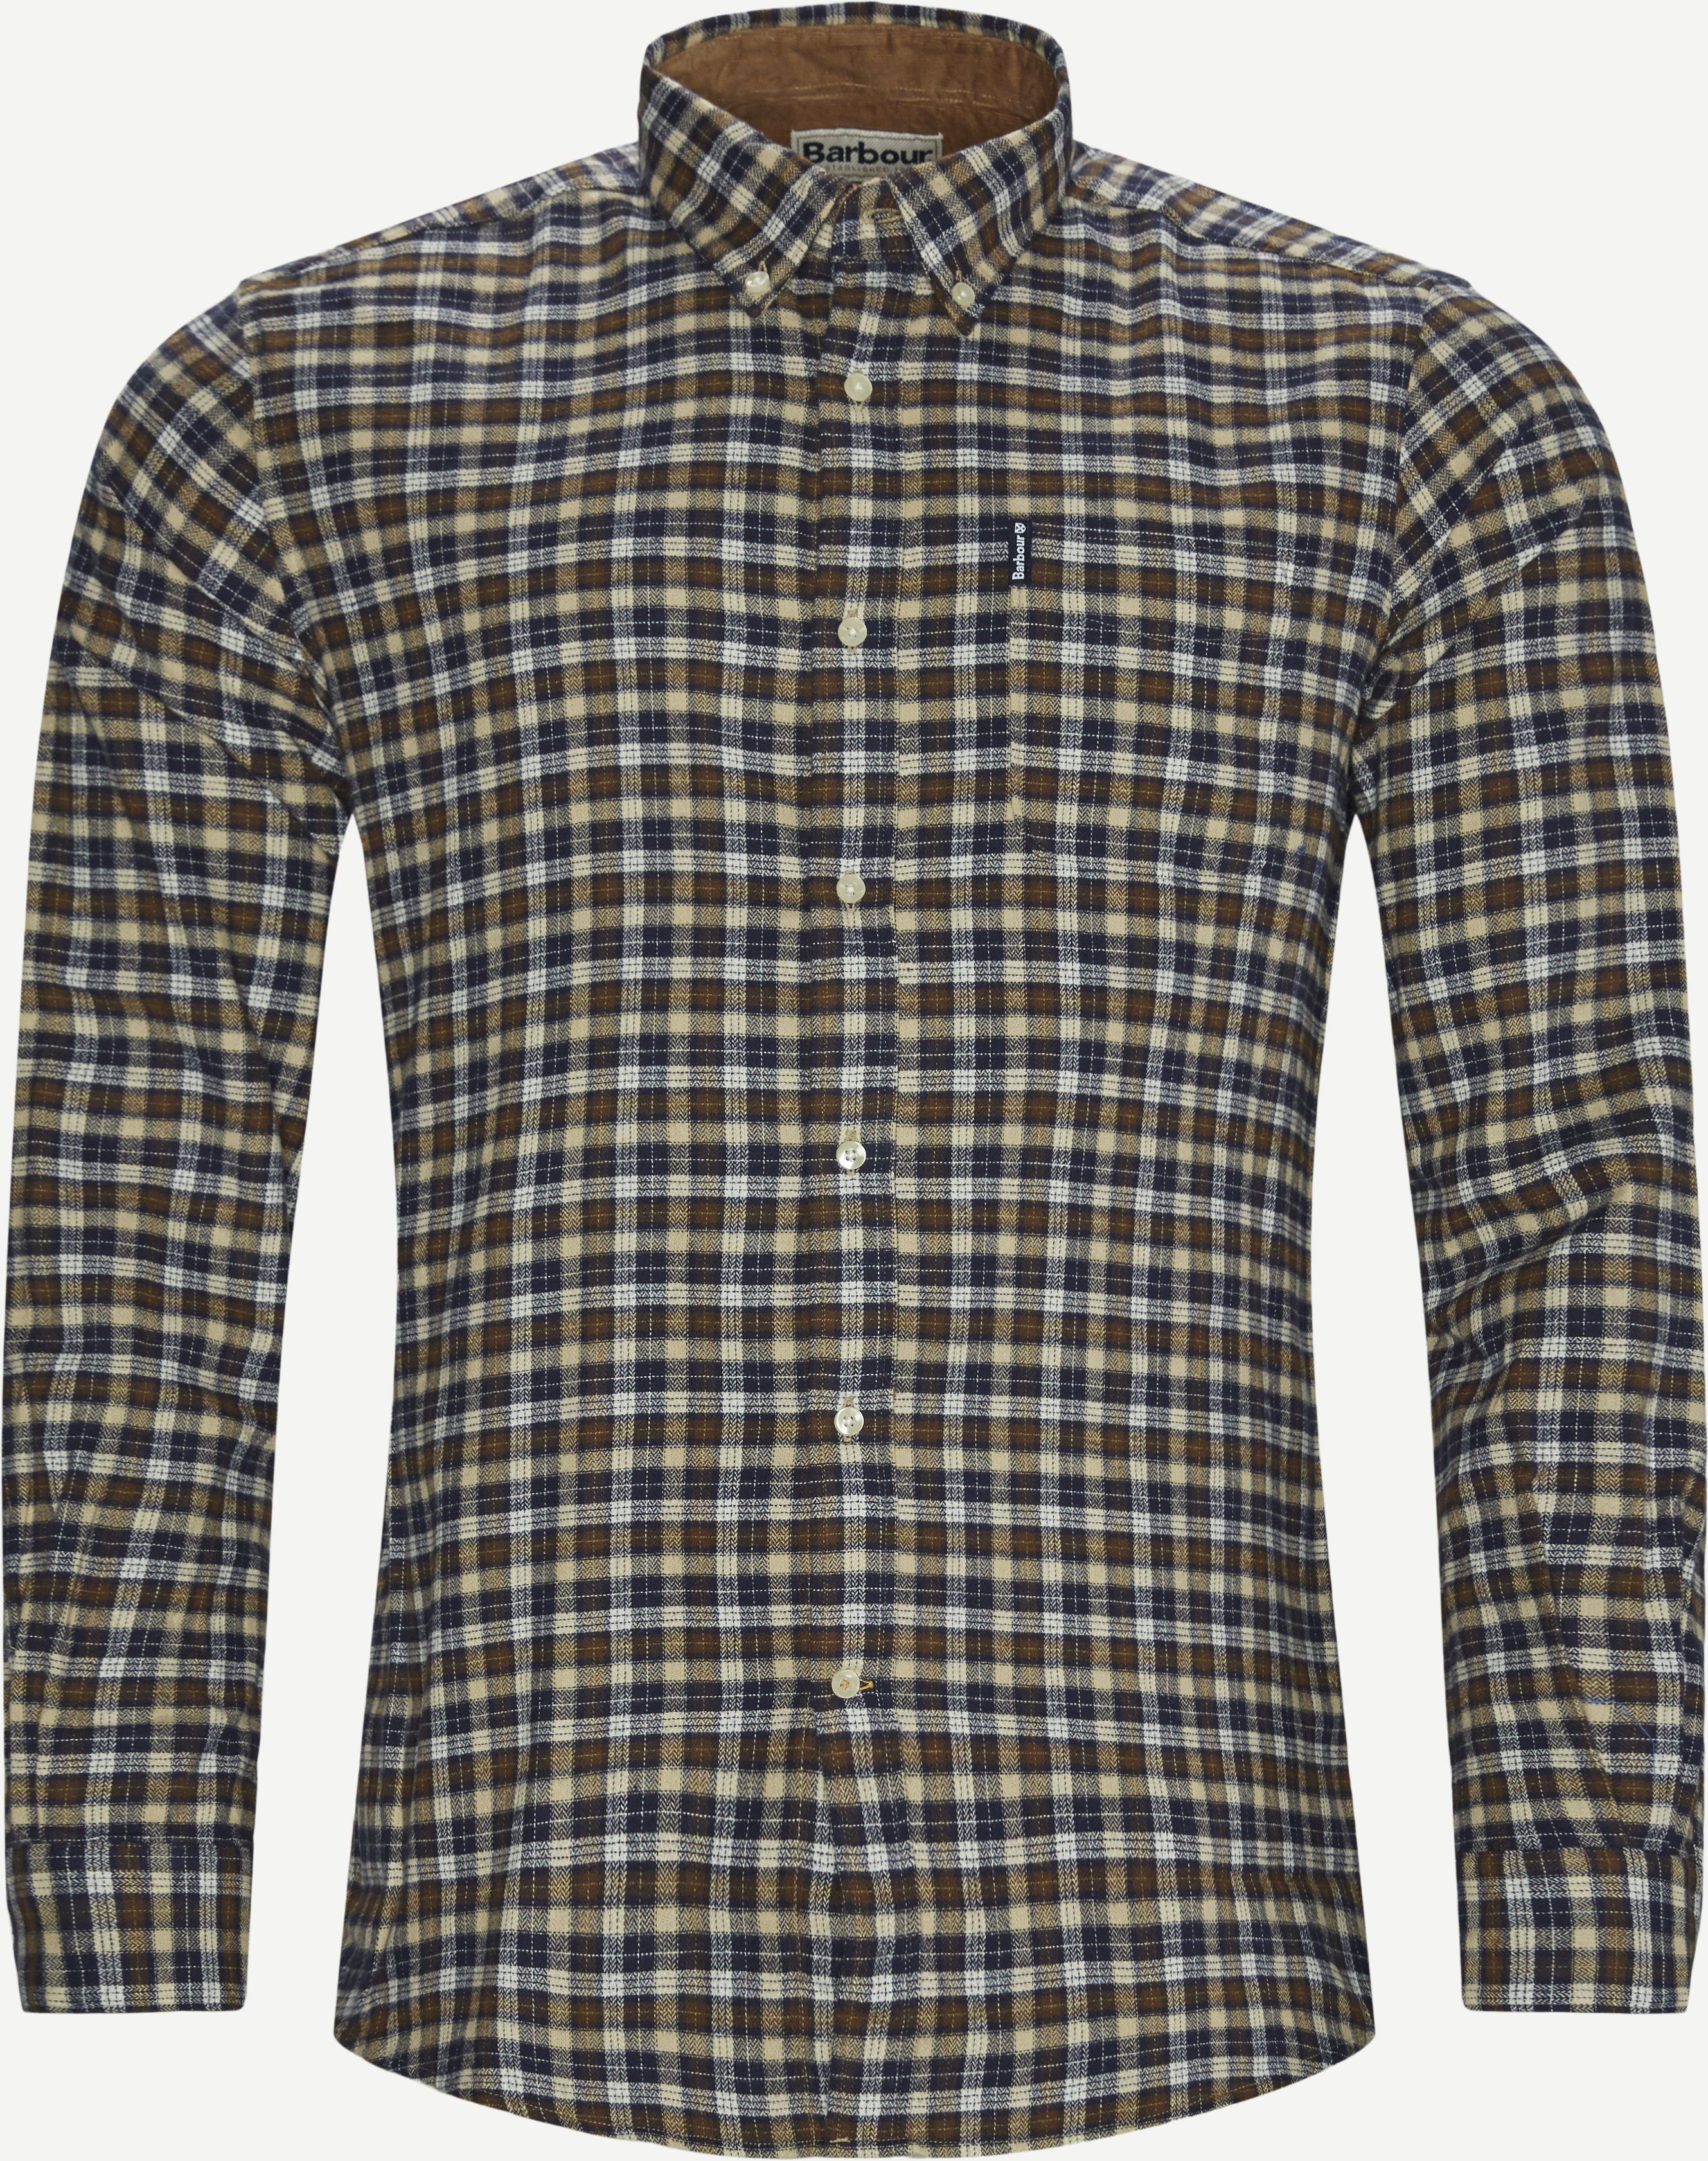 Hemden - Tailored fit - Braun